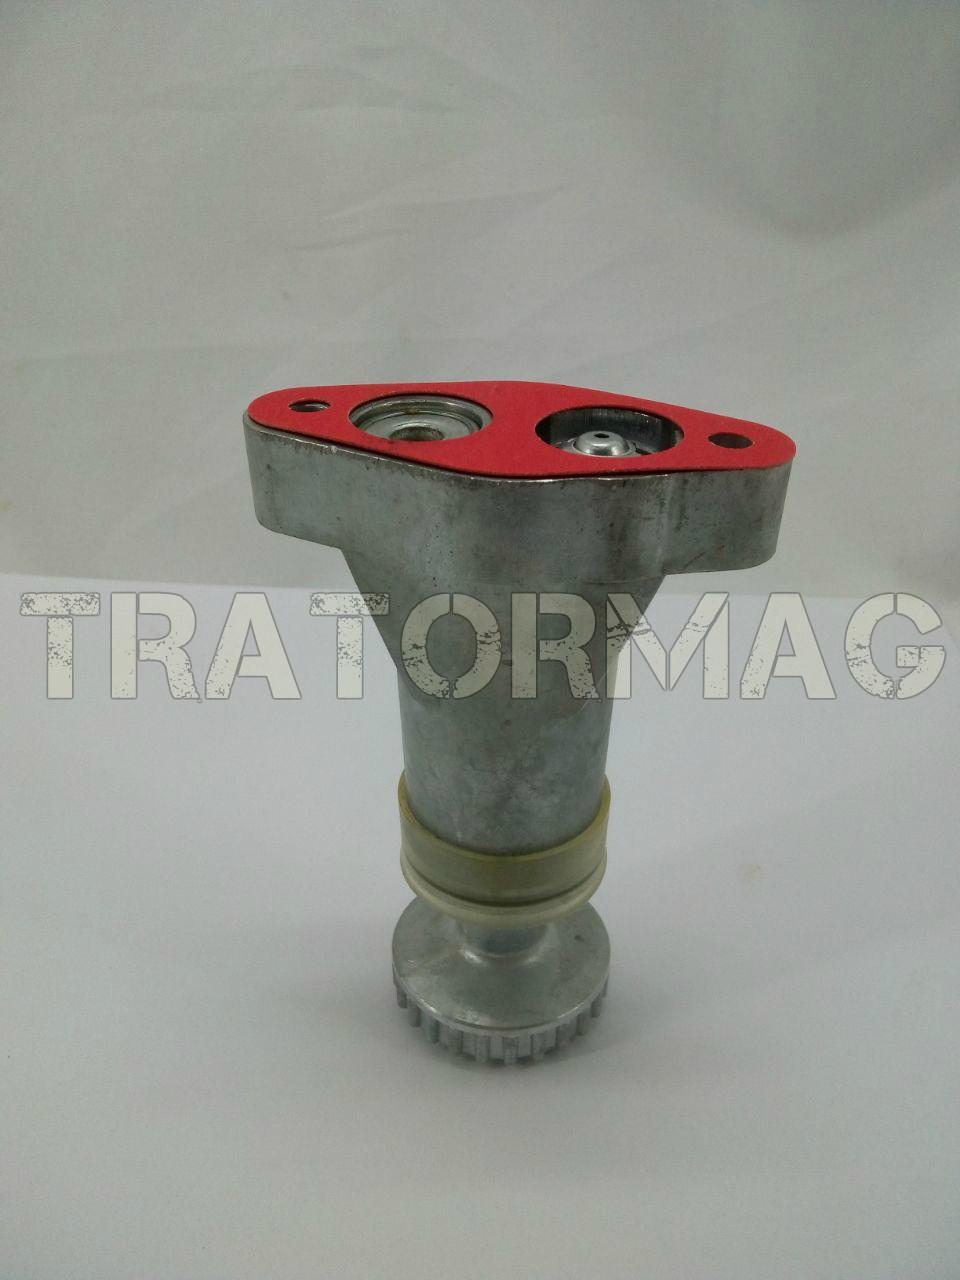 BOMBA MANUAL AUXILIAR MOTOR CATERPILLAR 3304, 4W0788, PD788, 4W0788, 4N2511, 1052508